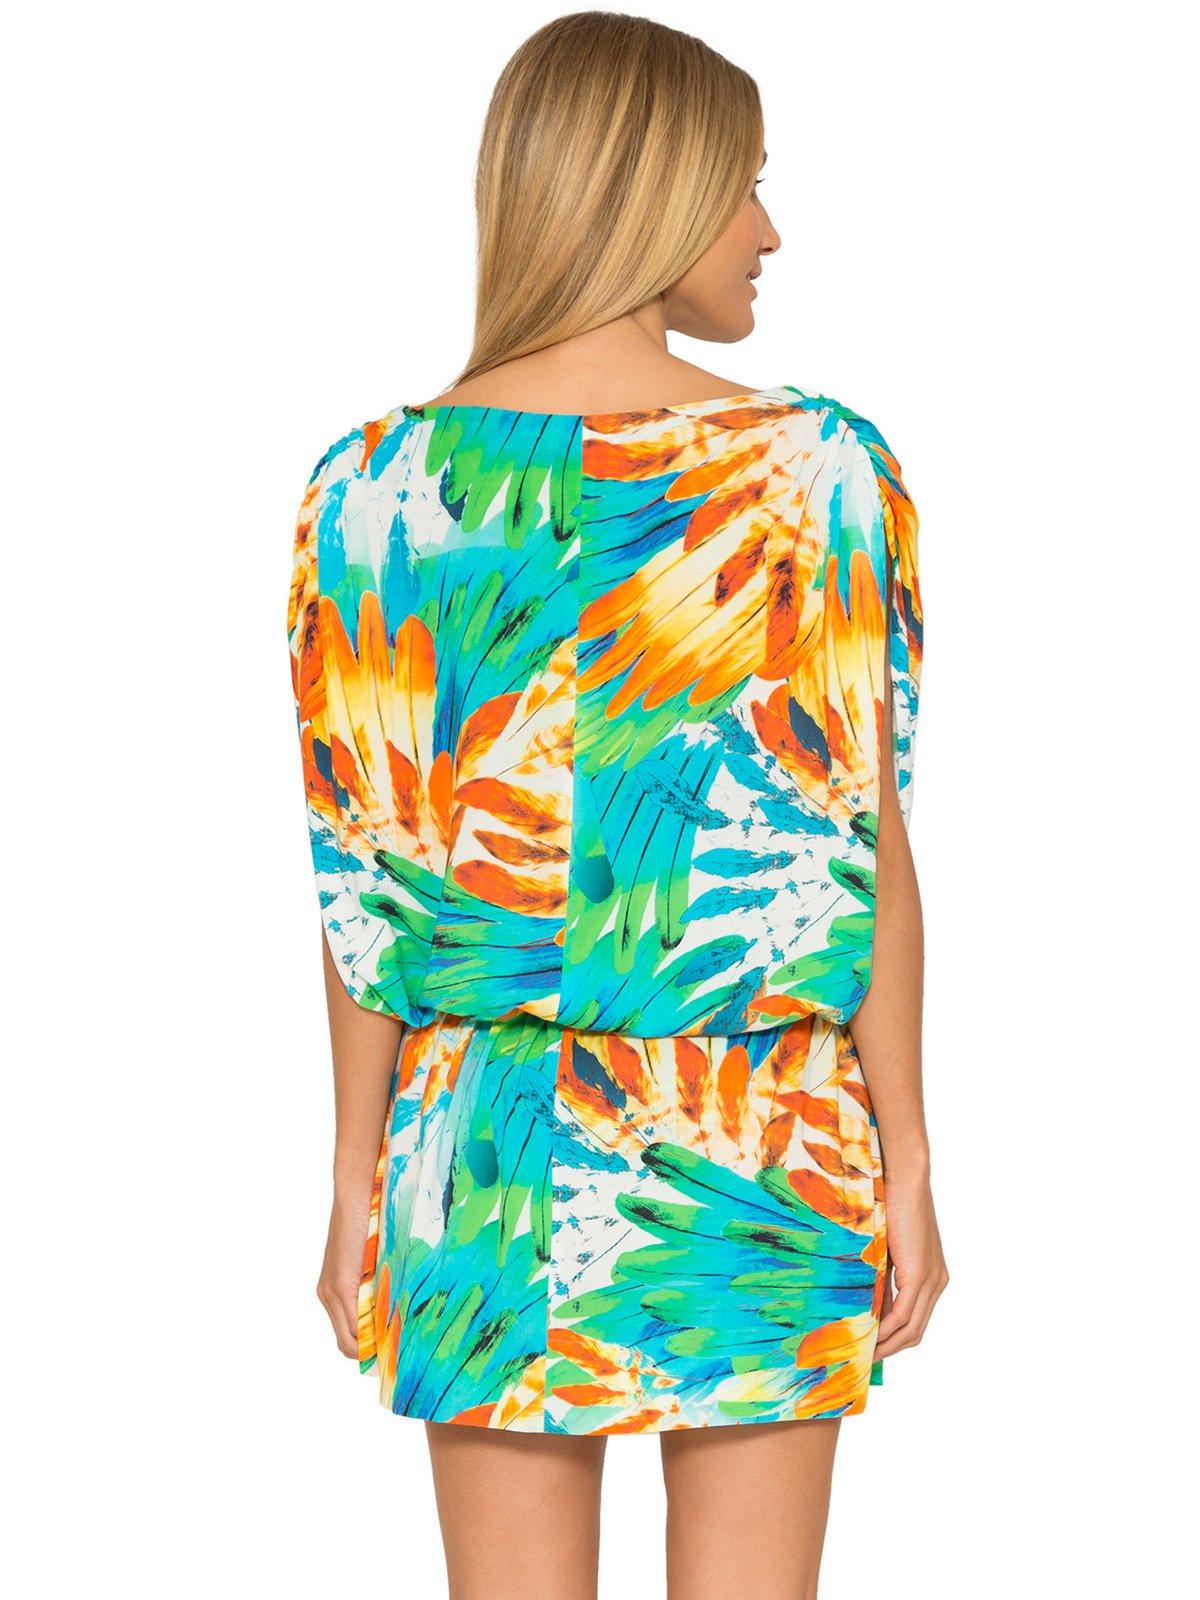 a0fe2d4a7691 ... Krátke plážové šaty bez rukávov so vzorom pierok - DRAPED COVER UP  IMPERIAL ...